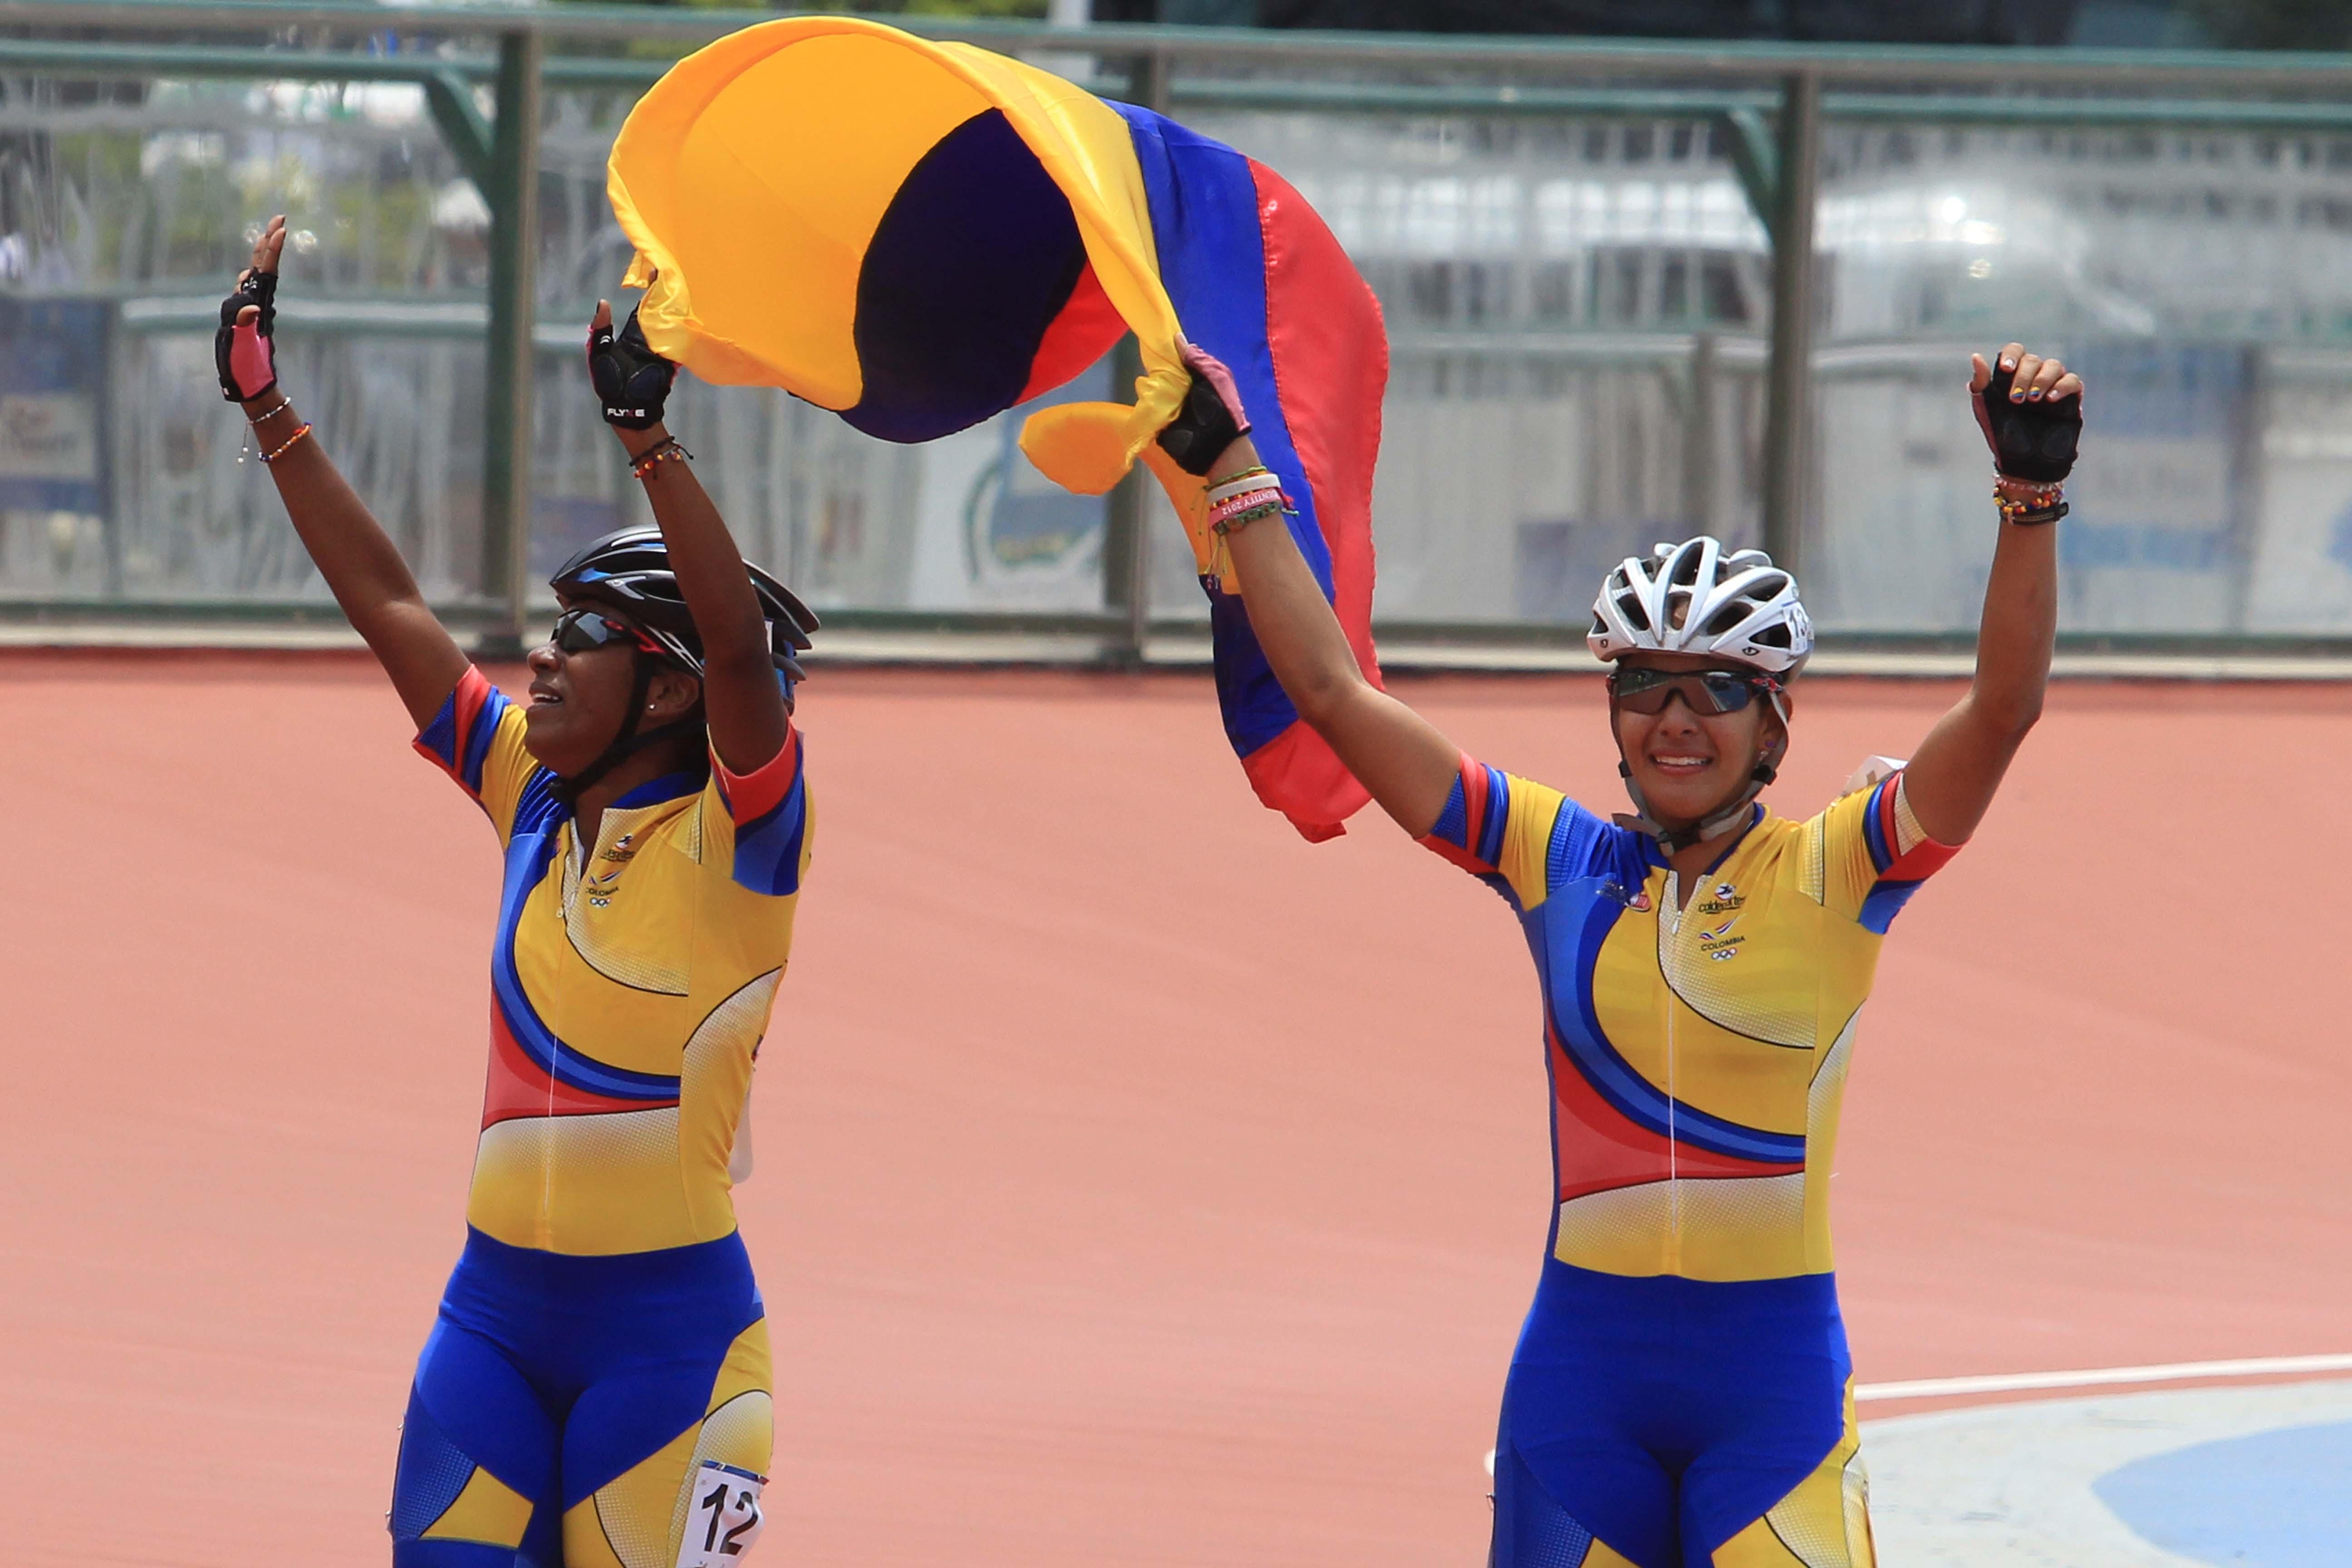 Colombia ganó oro y plata en patinaje de velocidad de los JJ. MM.